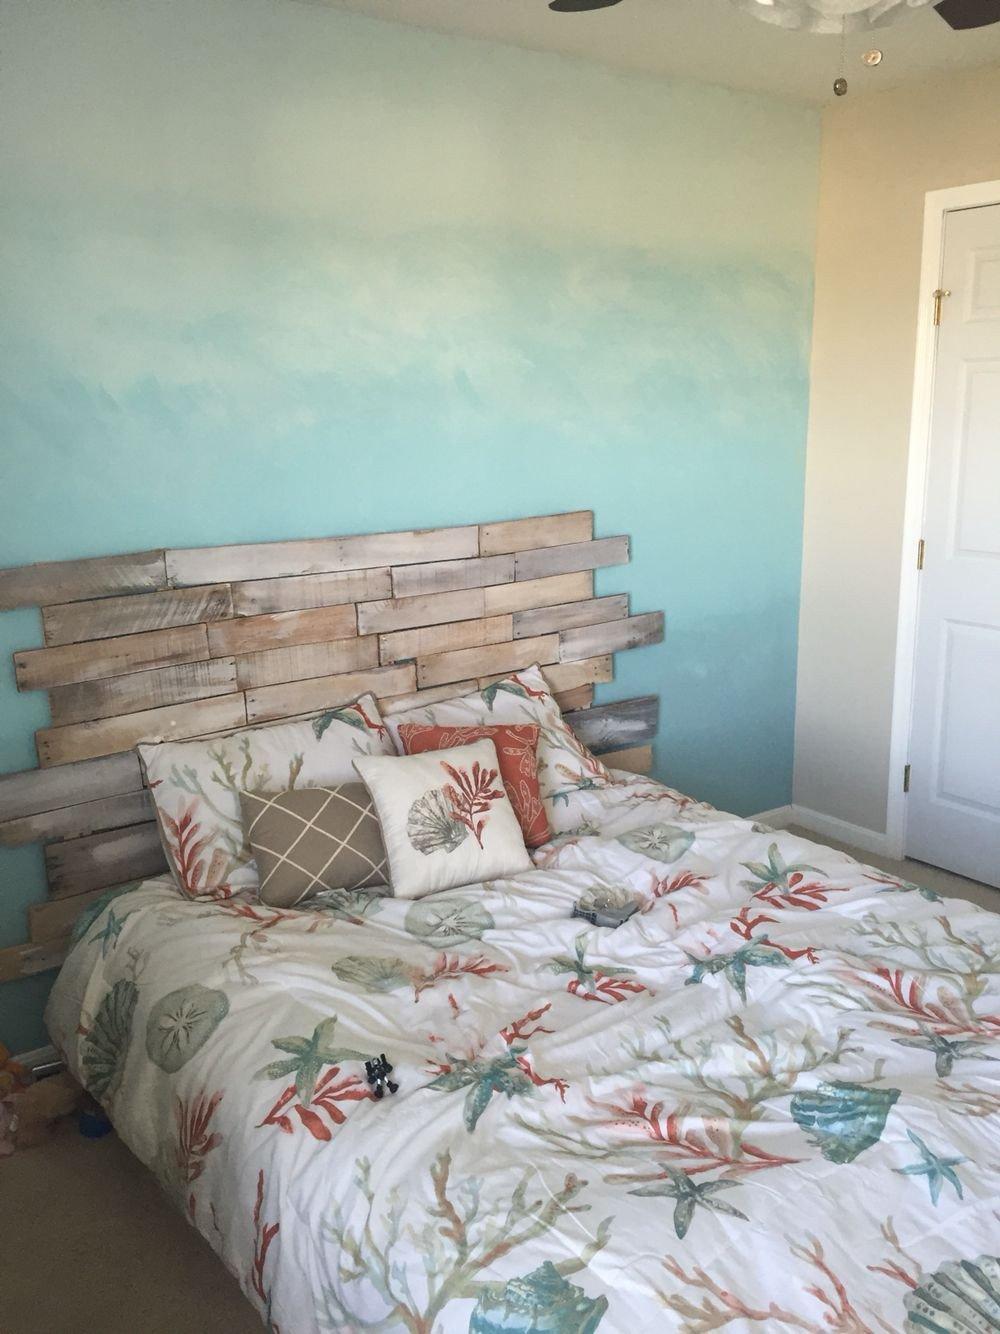 Beach theme Bedroom Decor Luxury Ombré Ocean Wall Pallet Headboard for A Beach themed Room